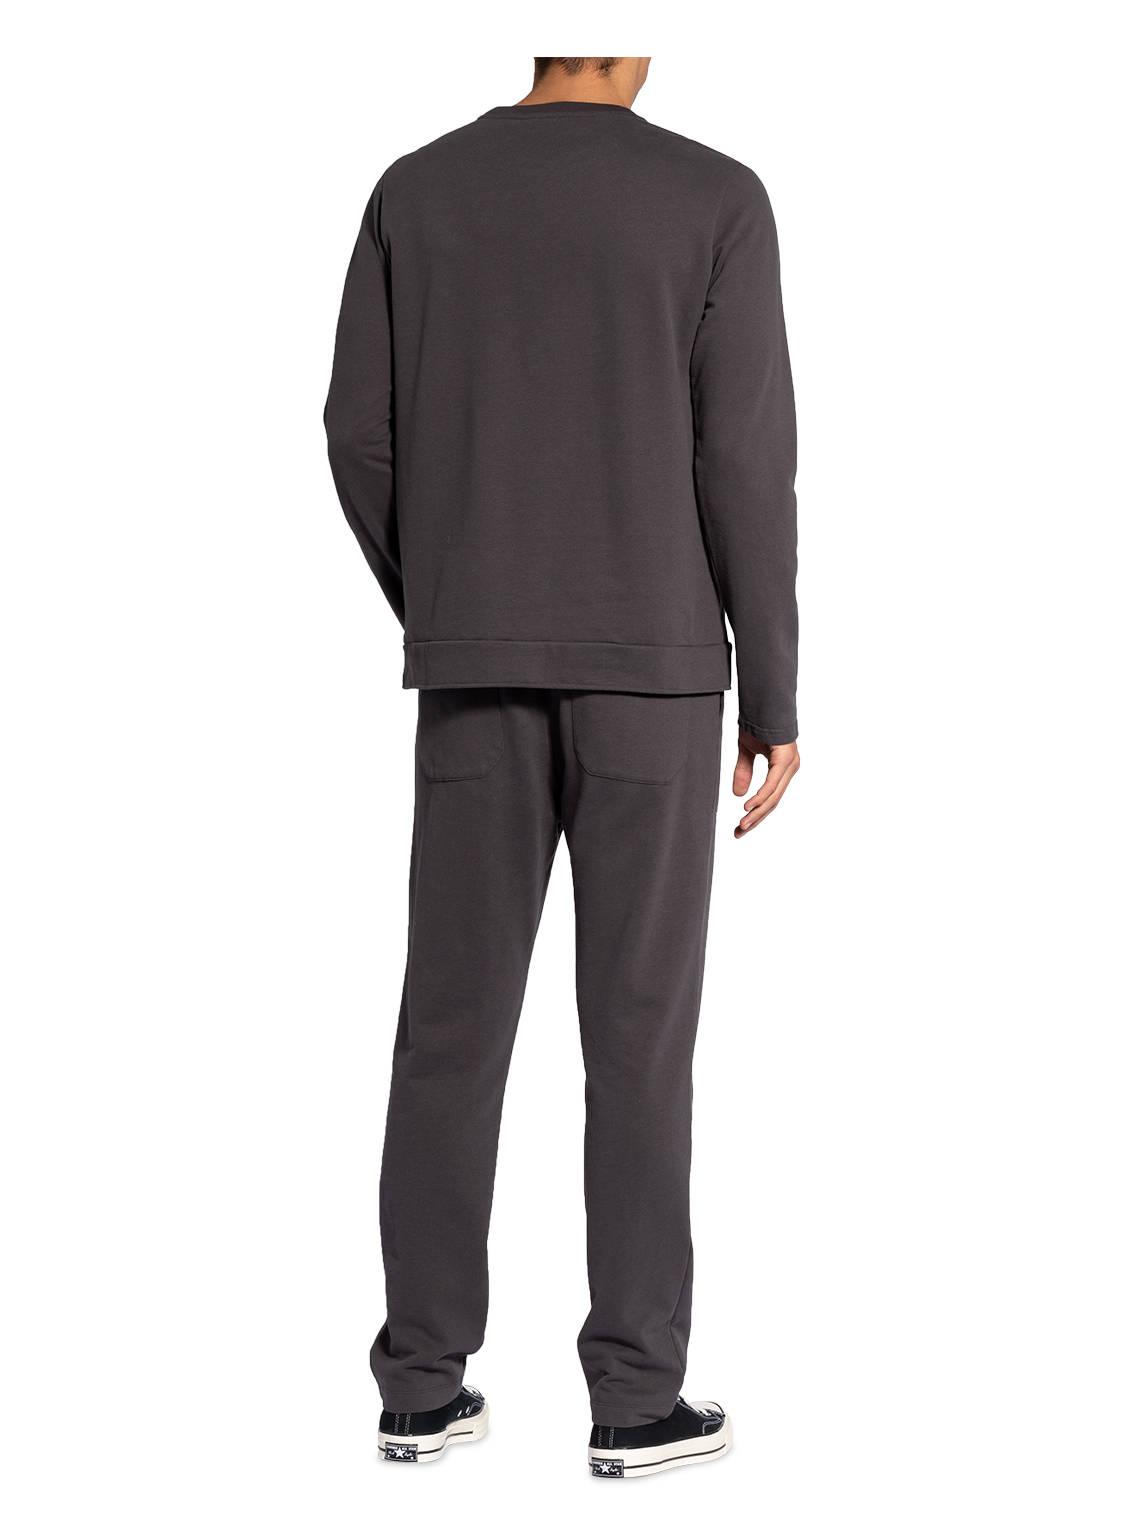 Herren Bekleidung Sweatshirt  von Juvia